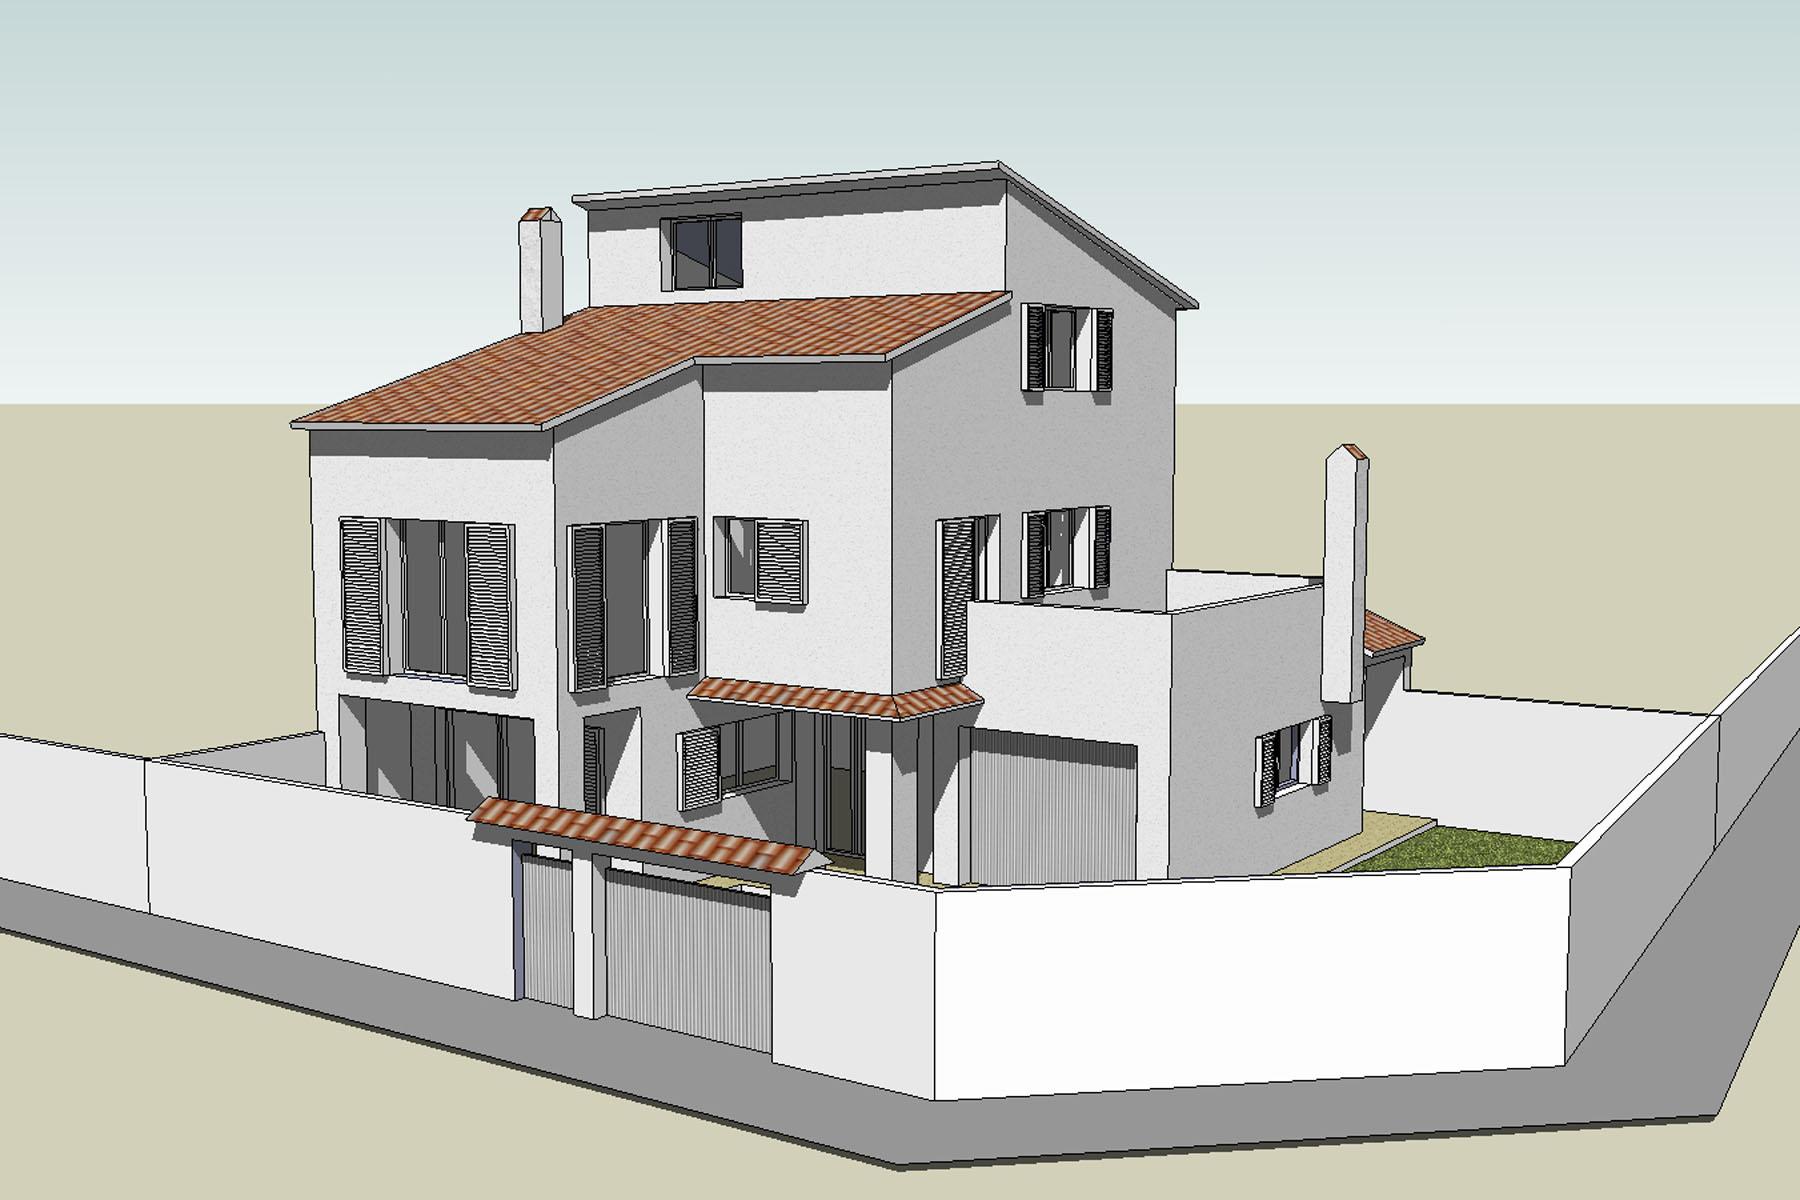 Single family detached house expansion in Carrer de Sitges Sant Pere de Ribes